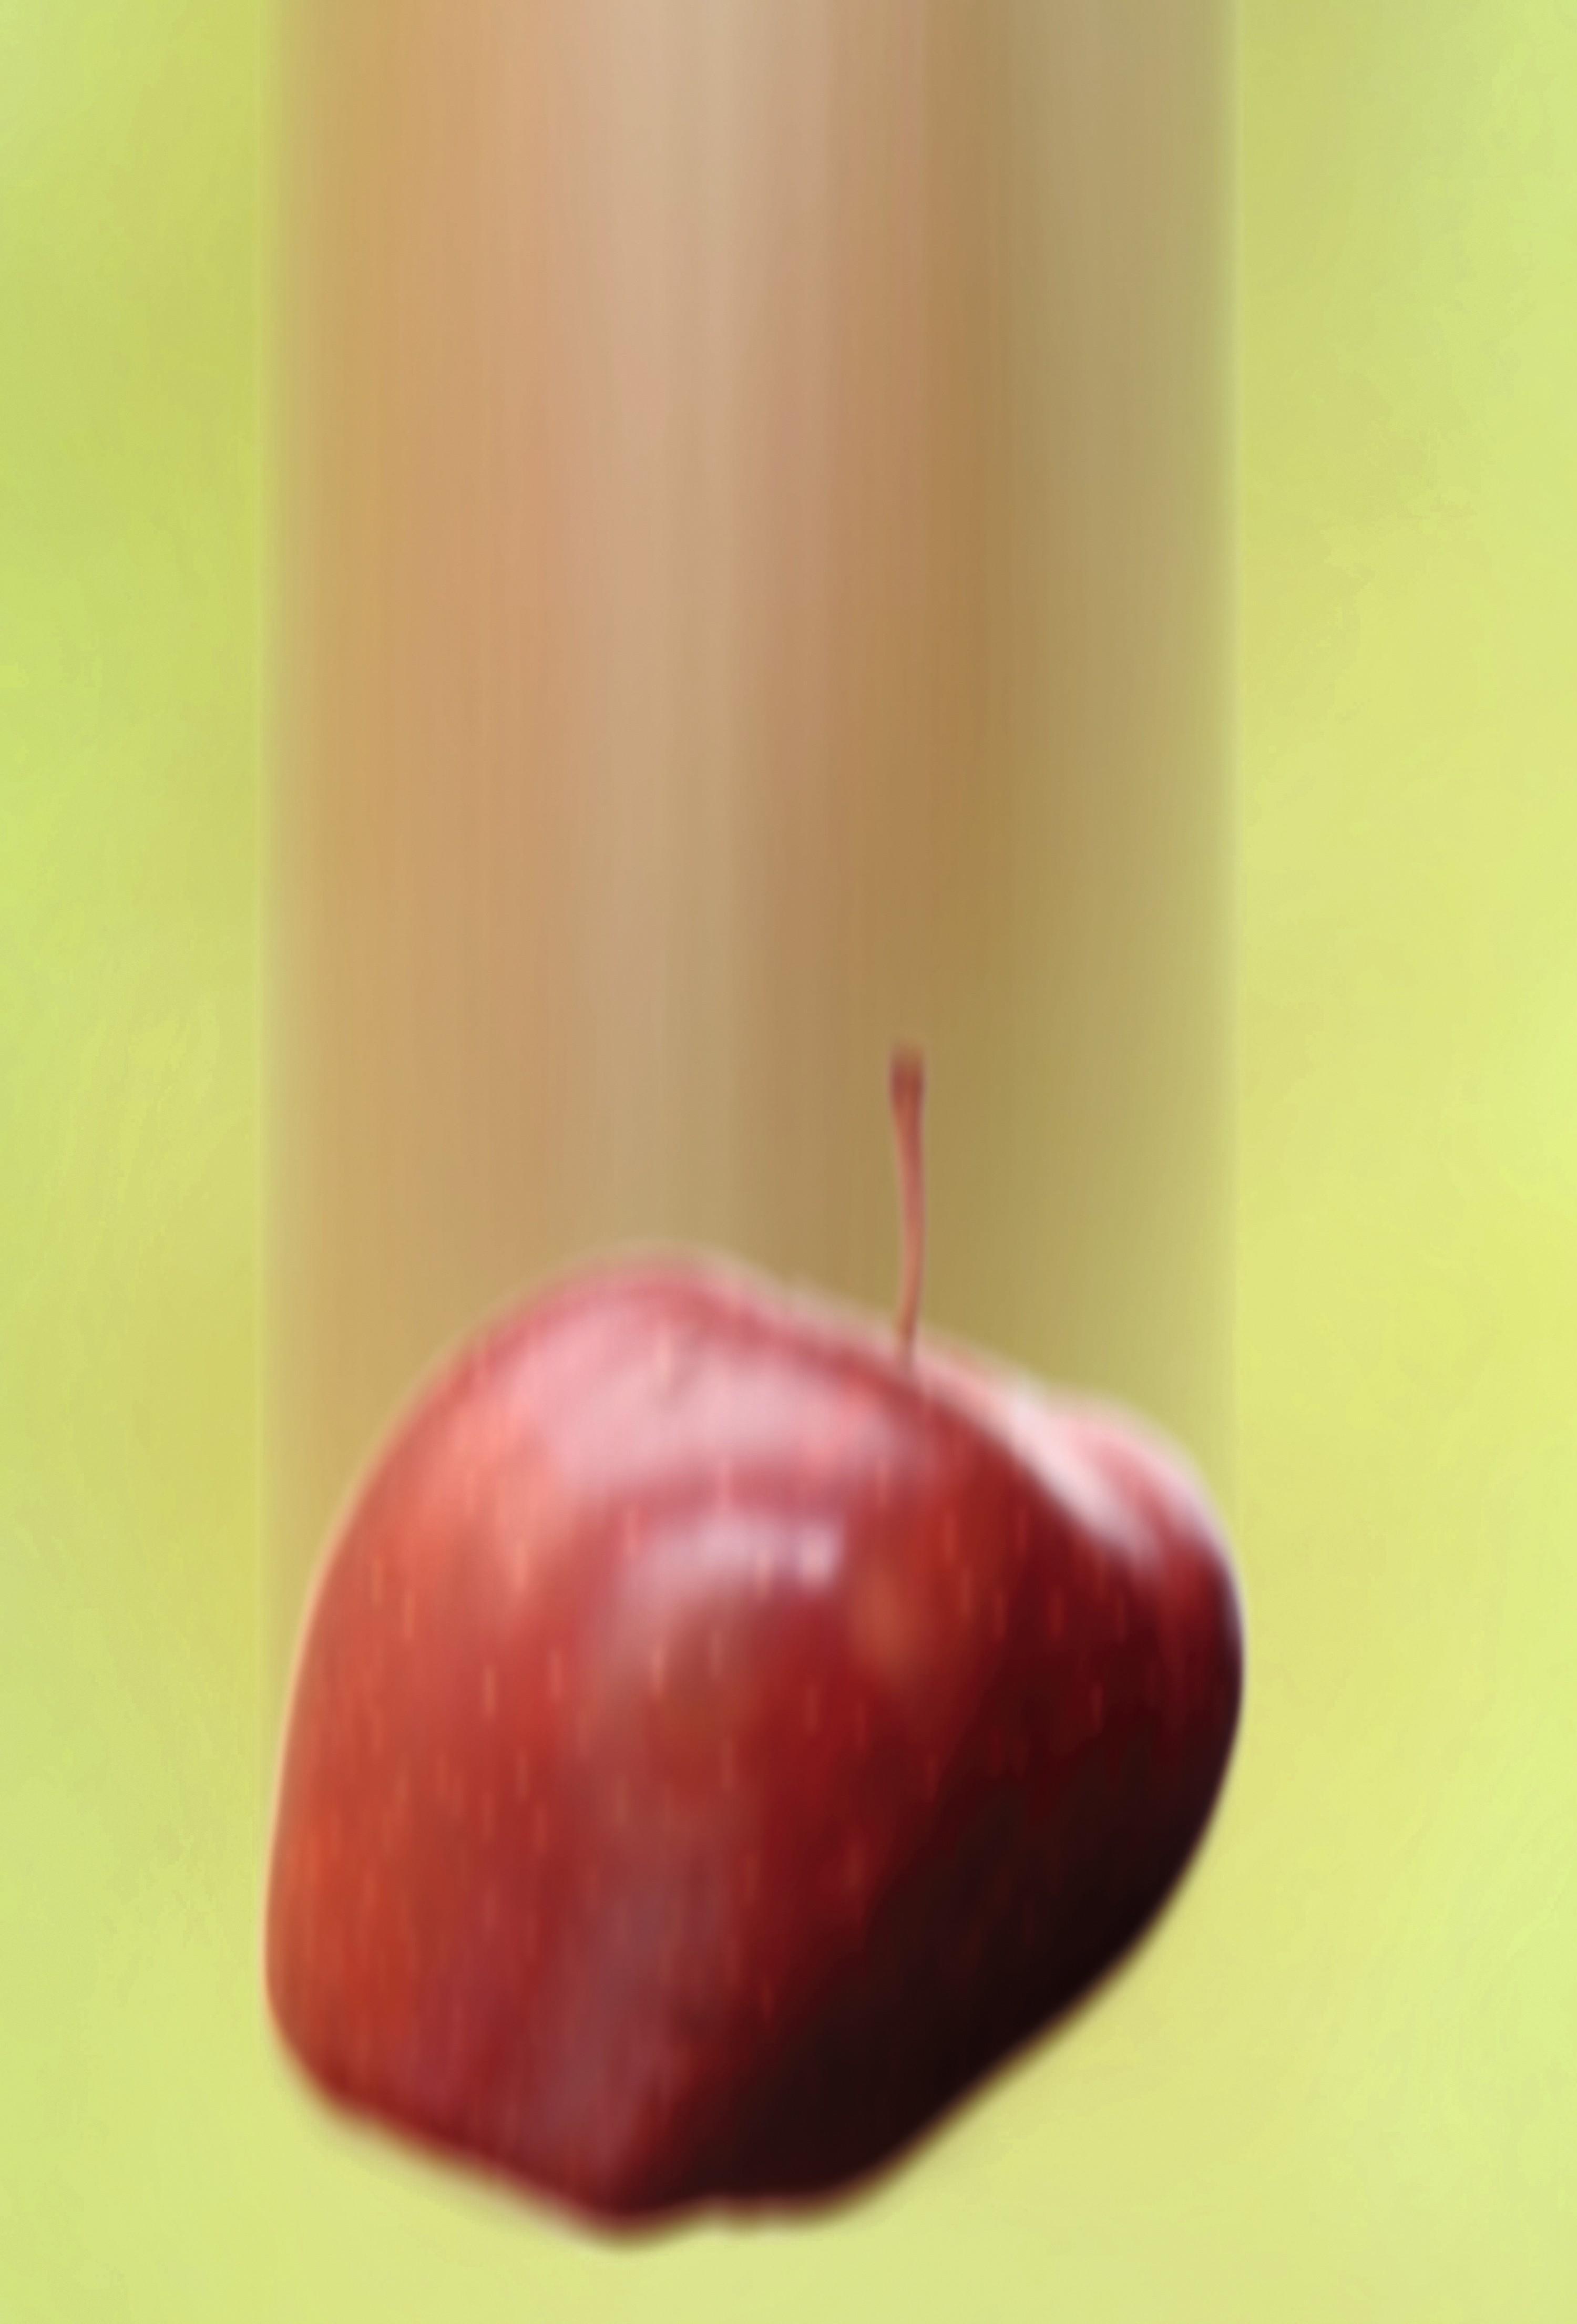 Le champ de pesanteur : chute d'une pomme